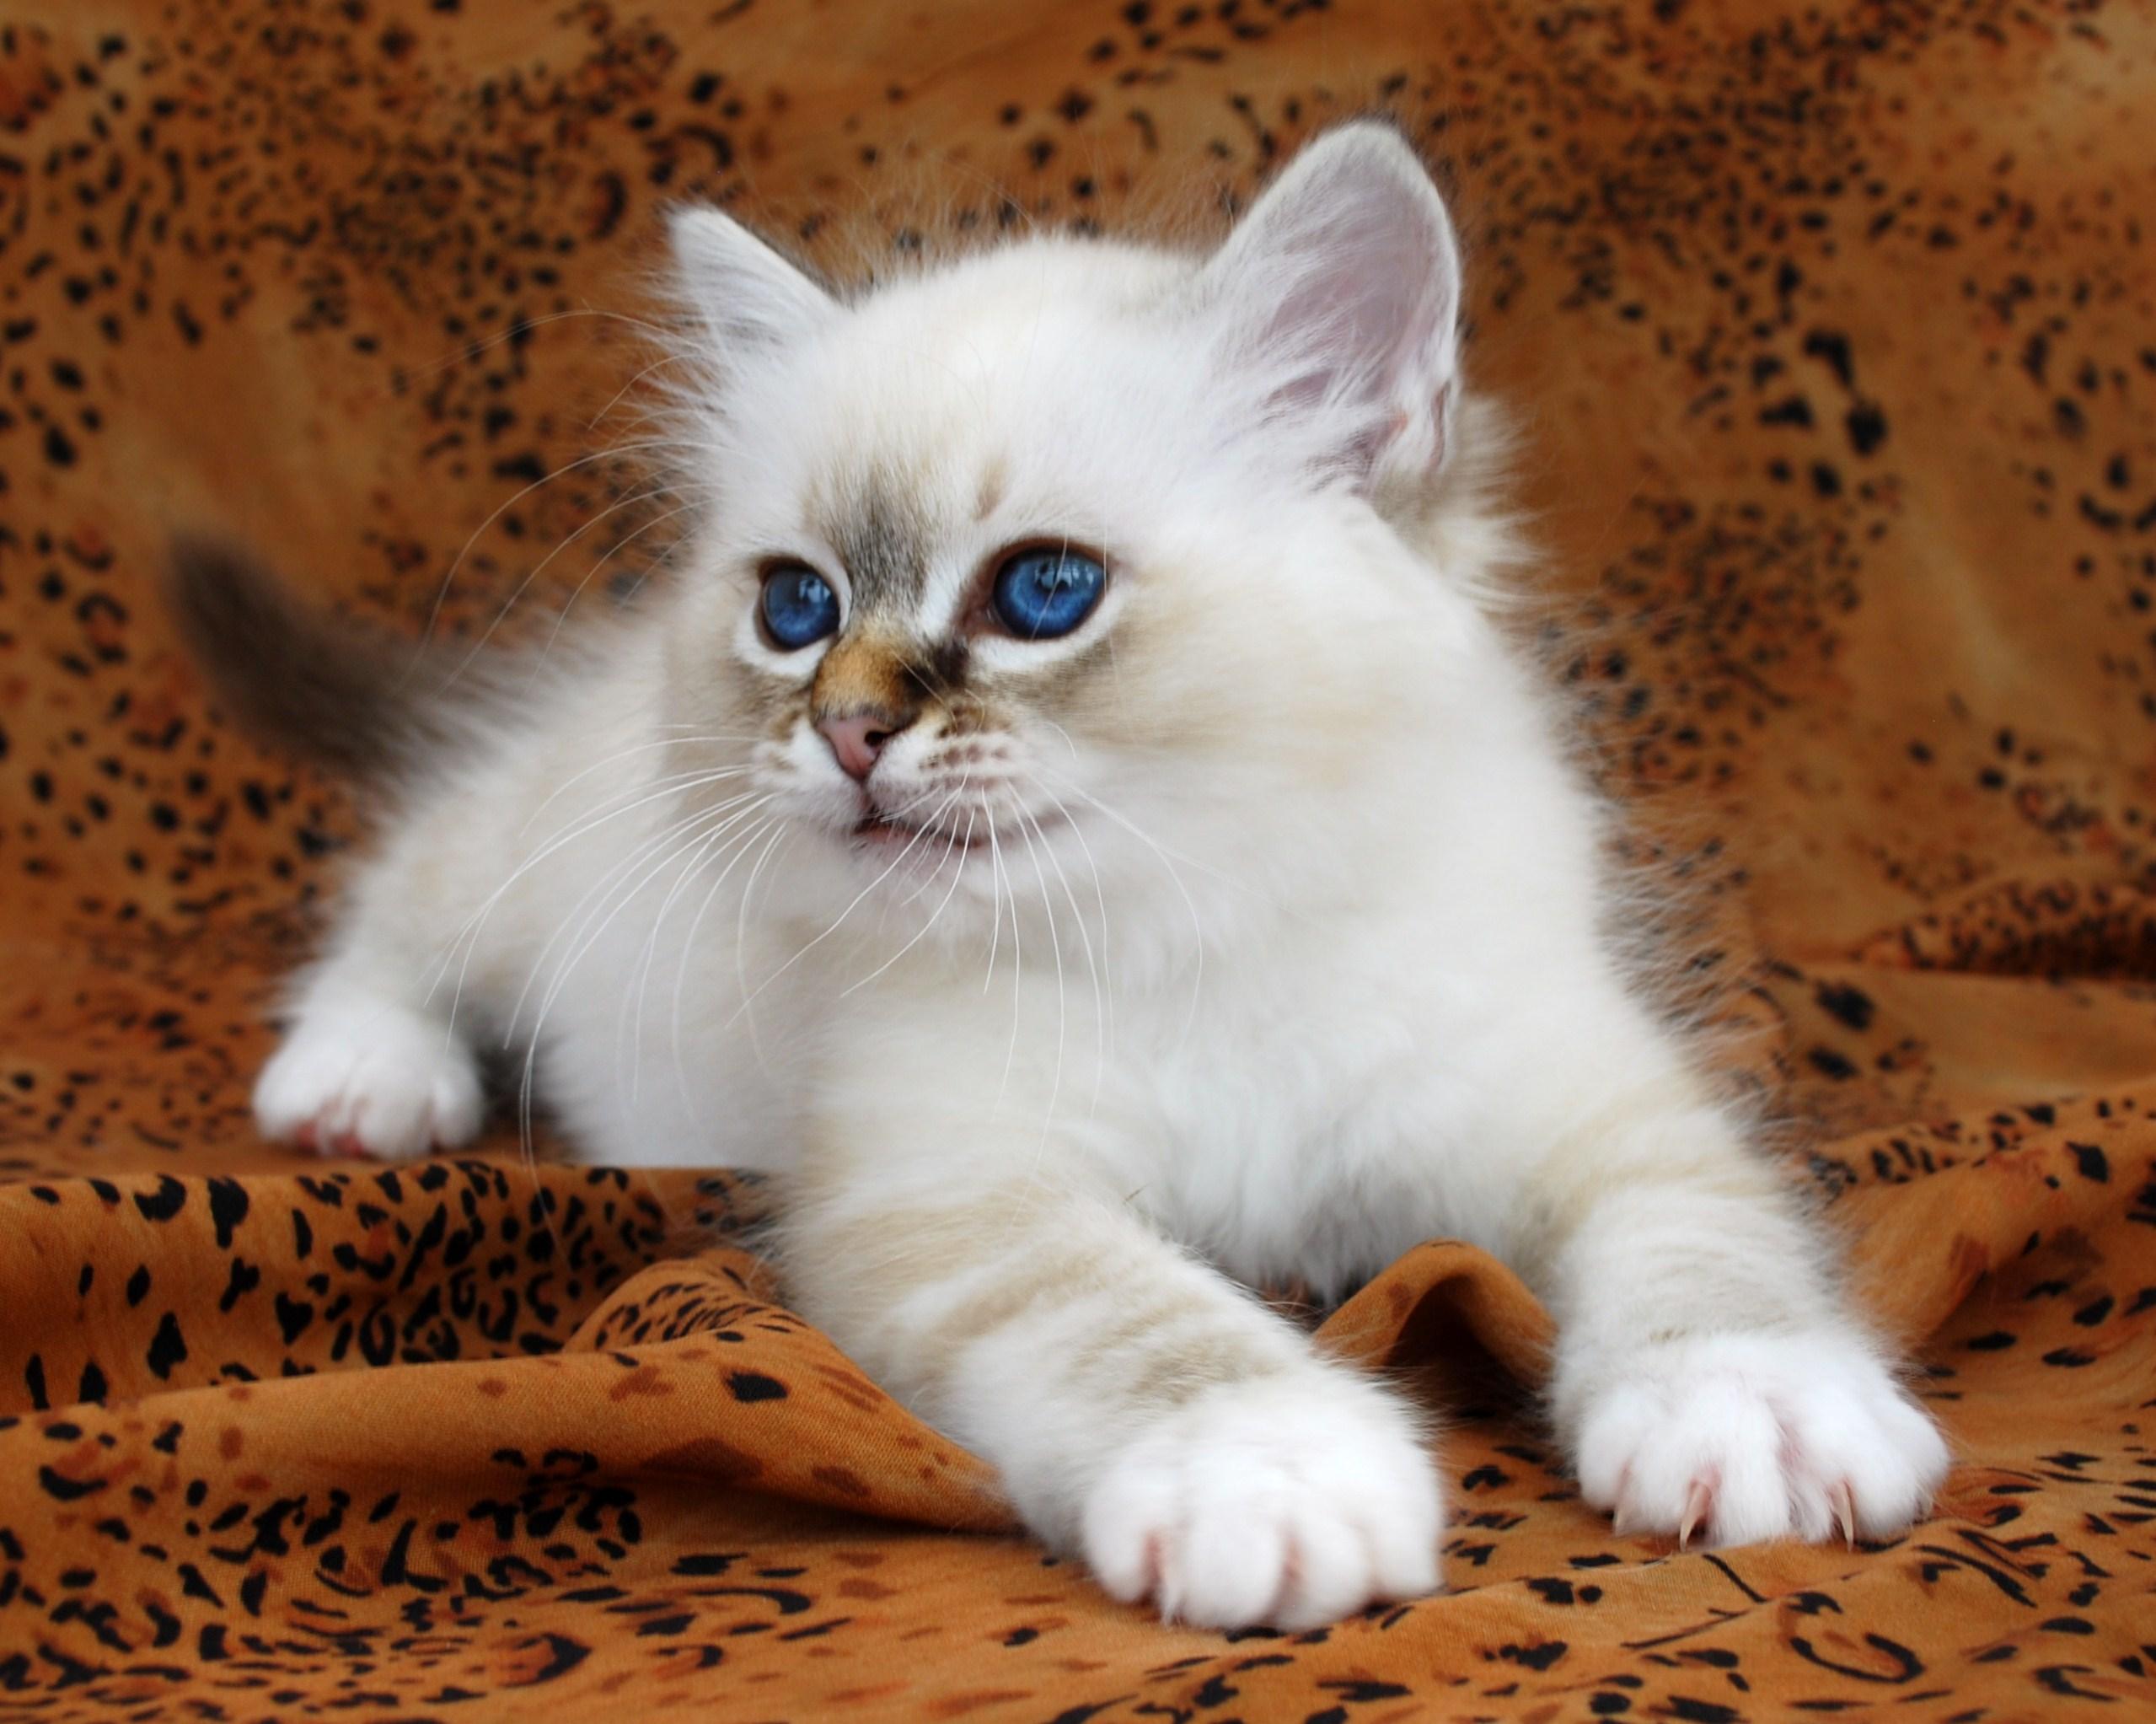 birman kitten pictures - photo #47